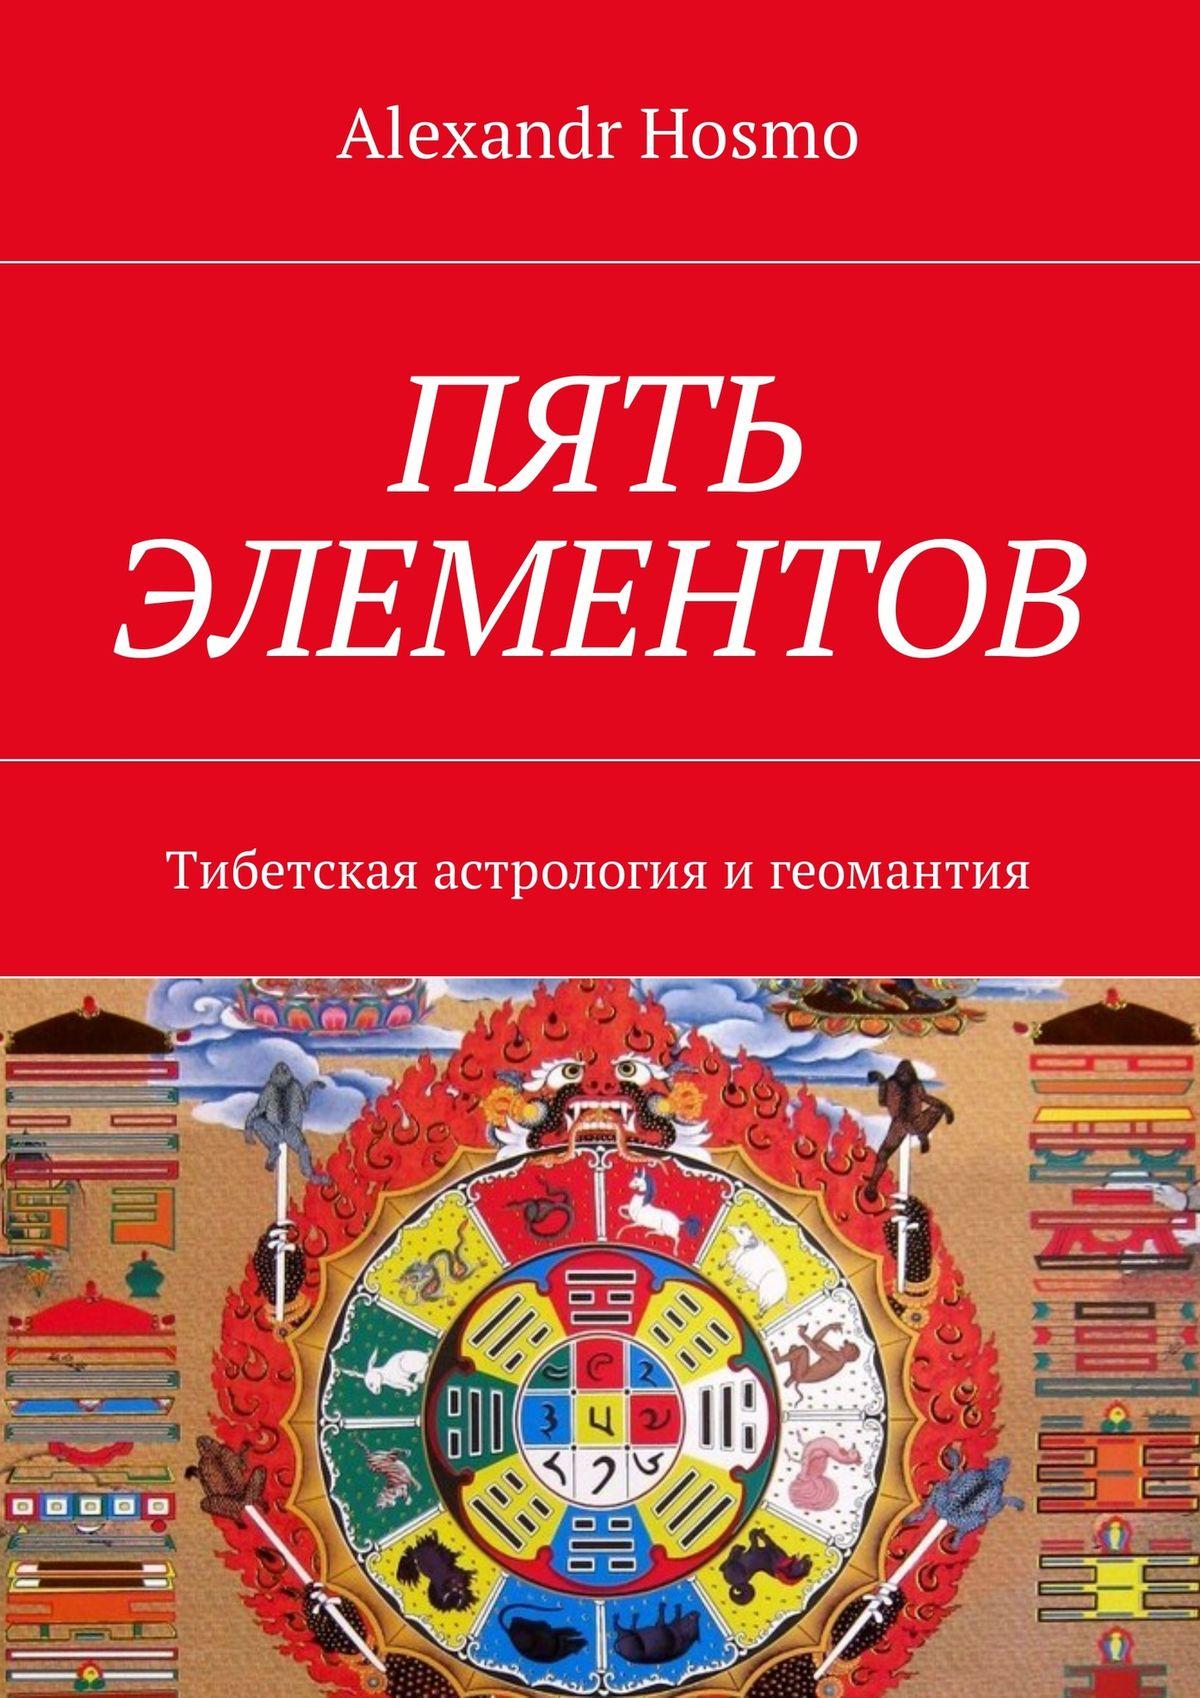 Alexandr Hosmo Пять элементов. Тибетская астрология игеомантия юрий солоневич квантованный человек между временем ипространством